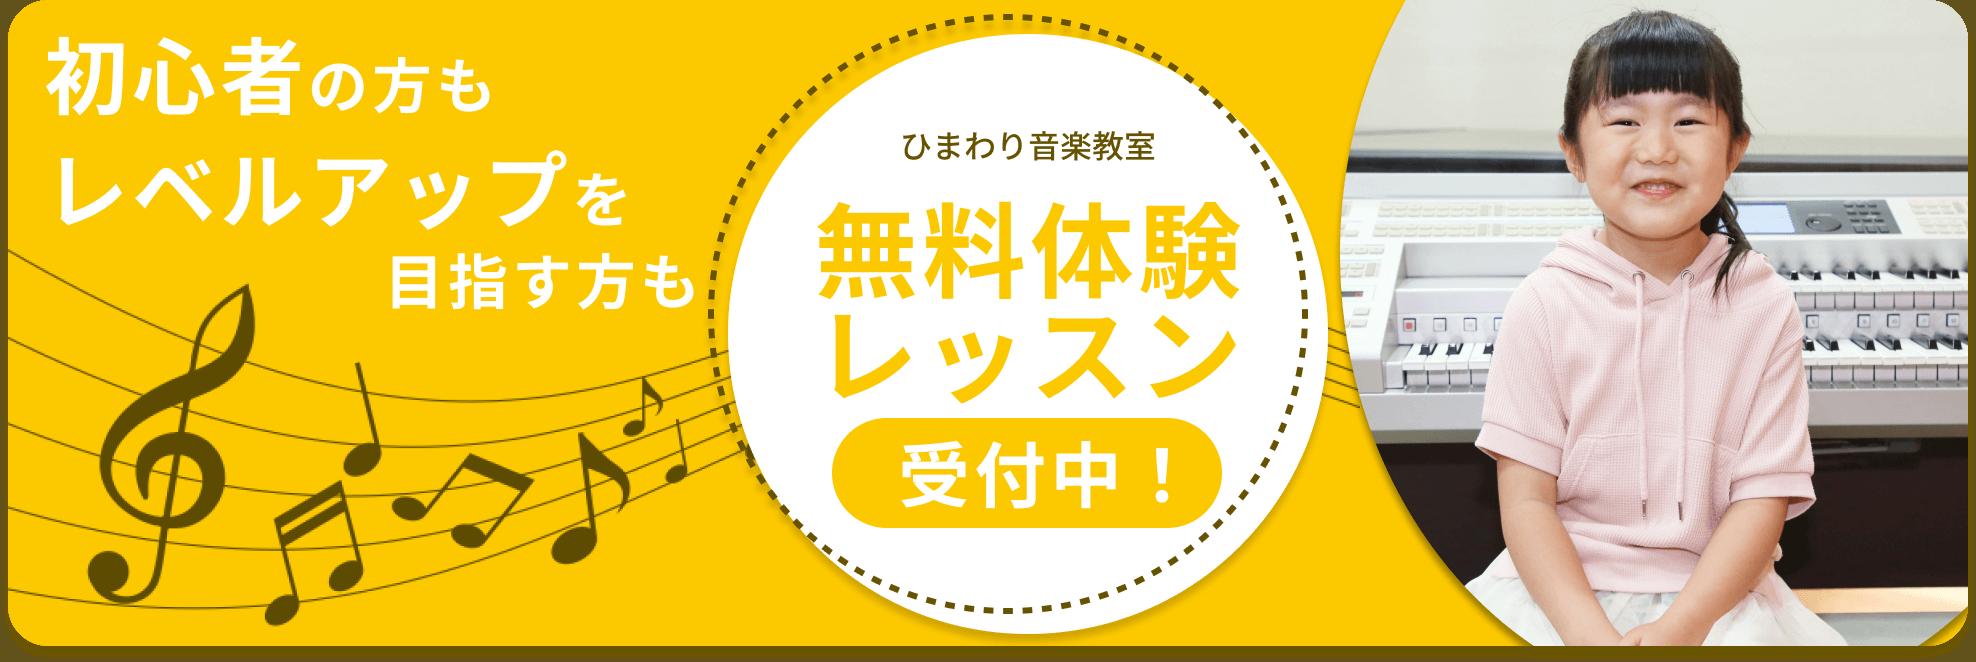 無料体験レッスン受付中!